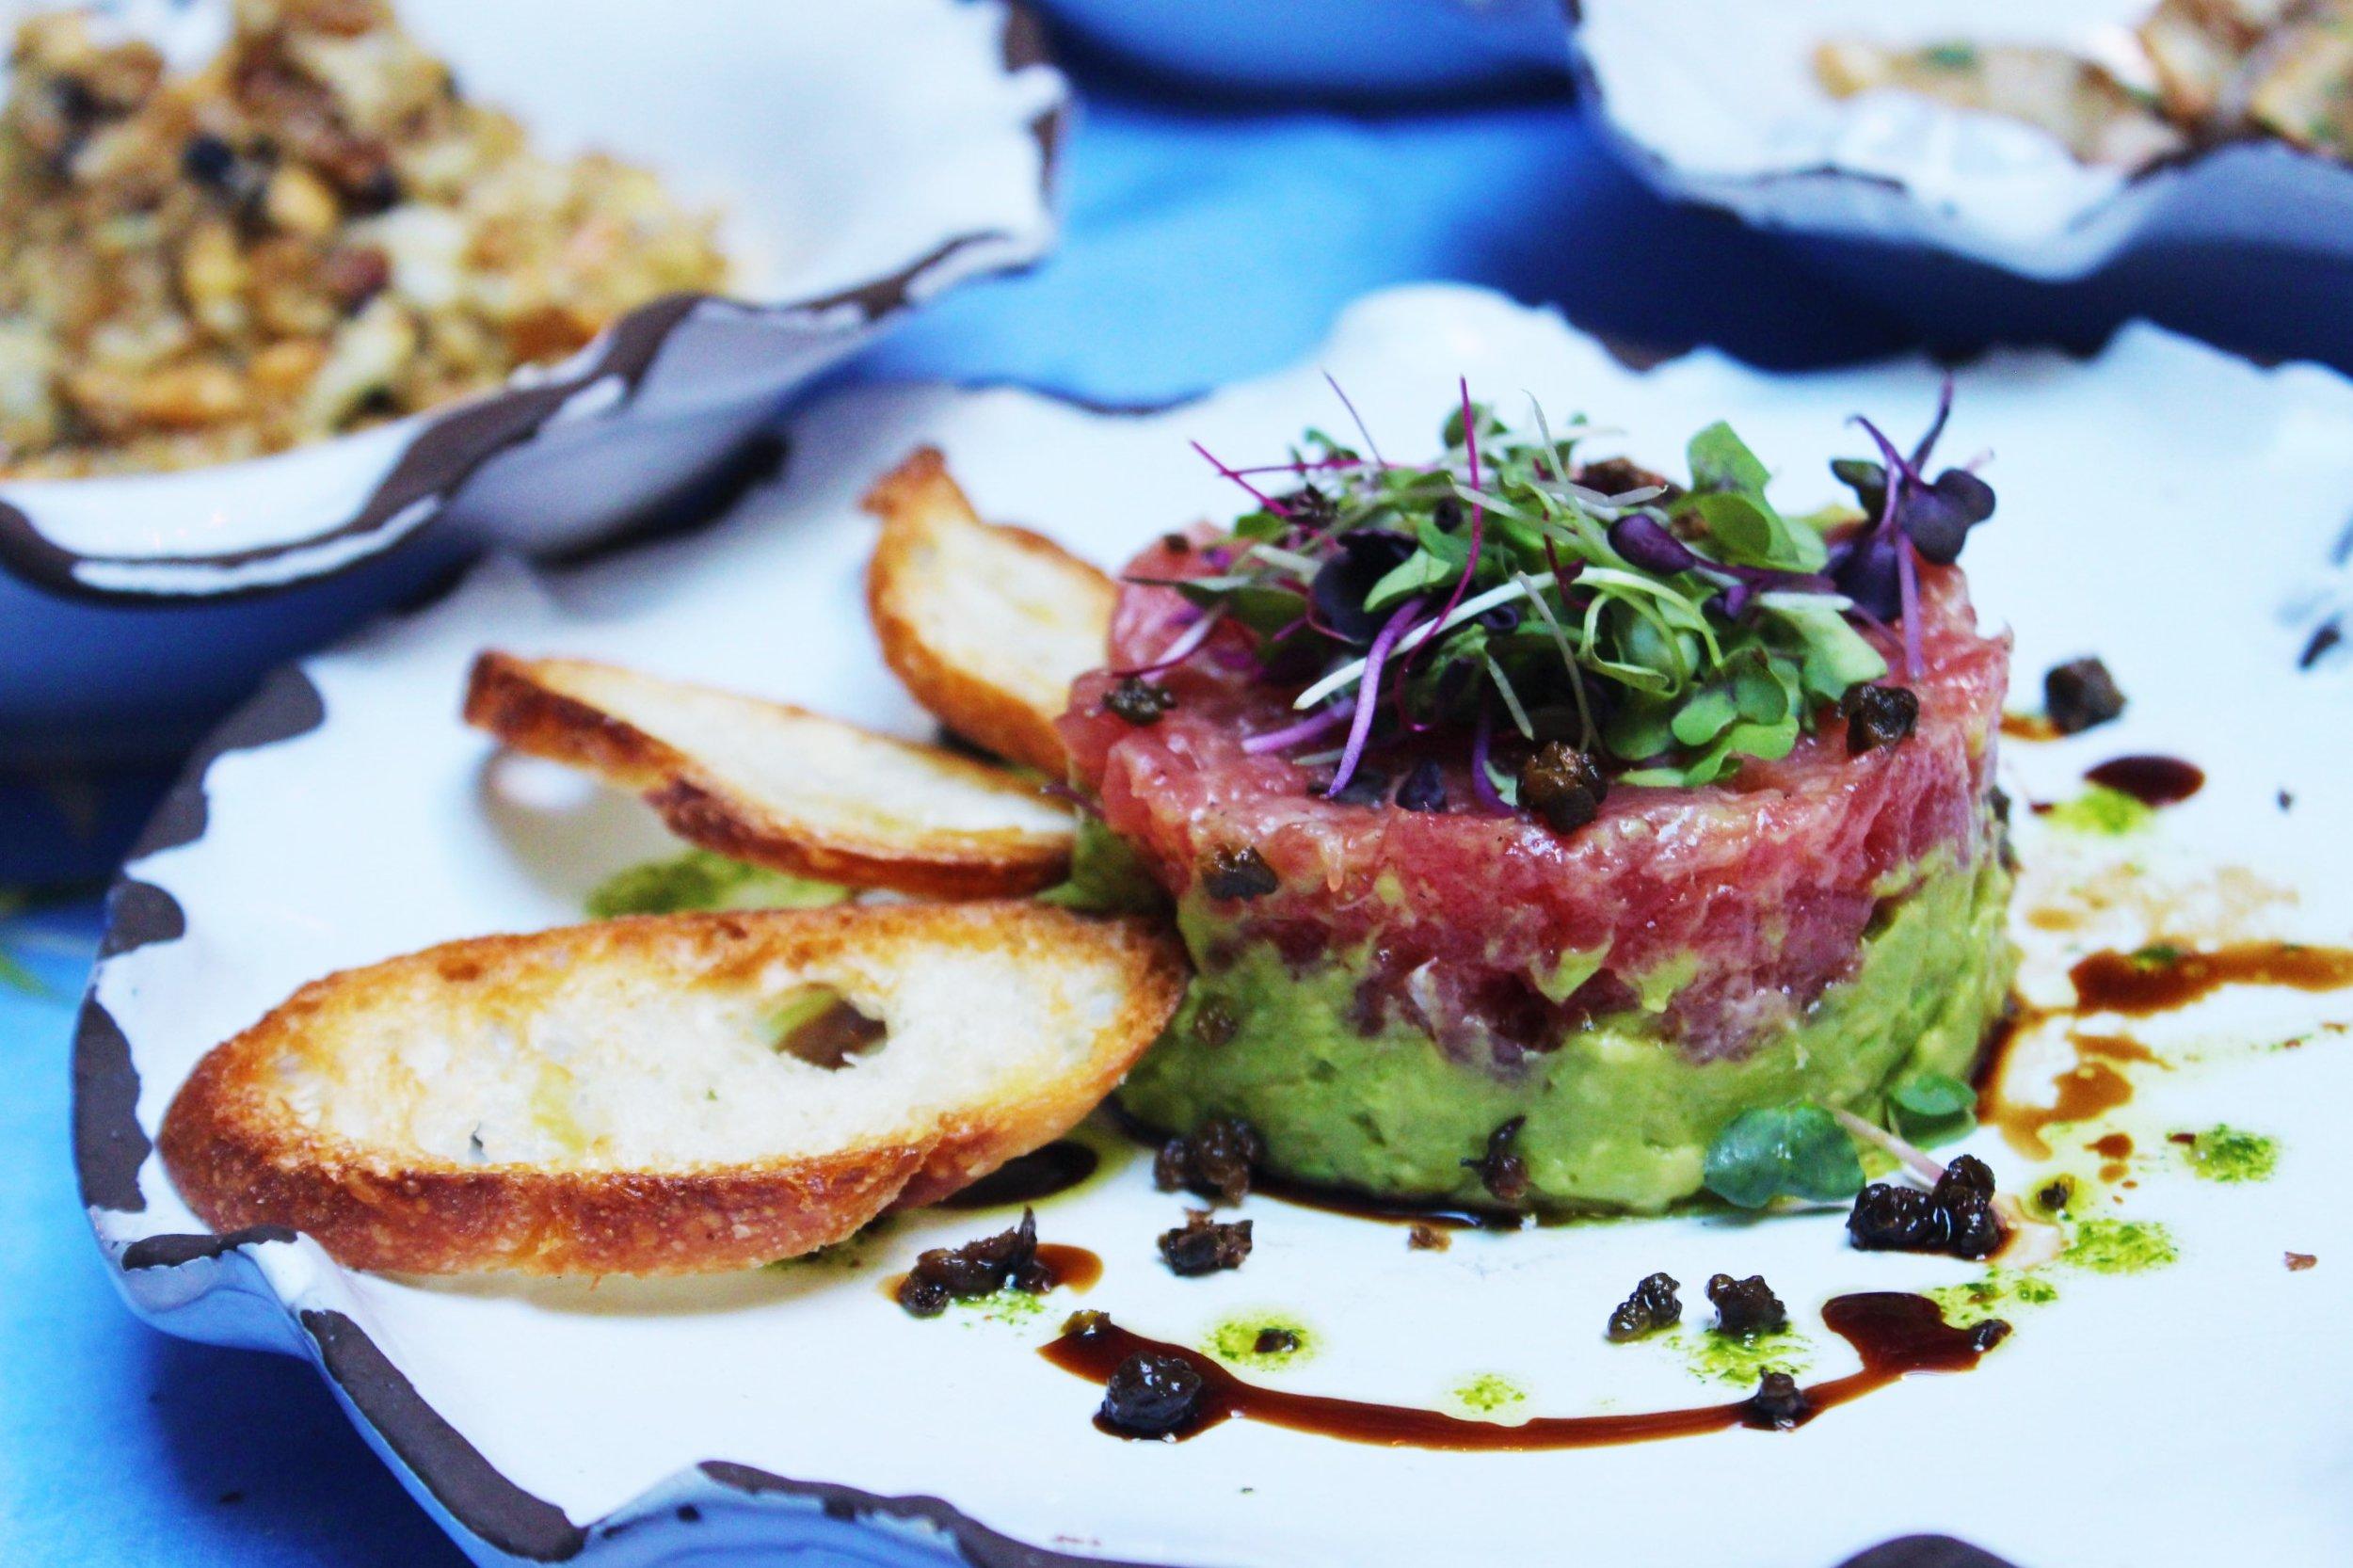 Tartare Di Tonno Yellowfin Tuna Tartare With Capers And Avocado